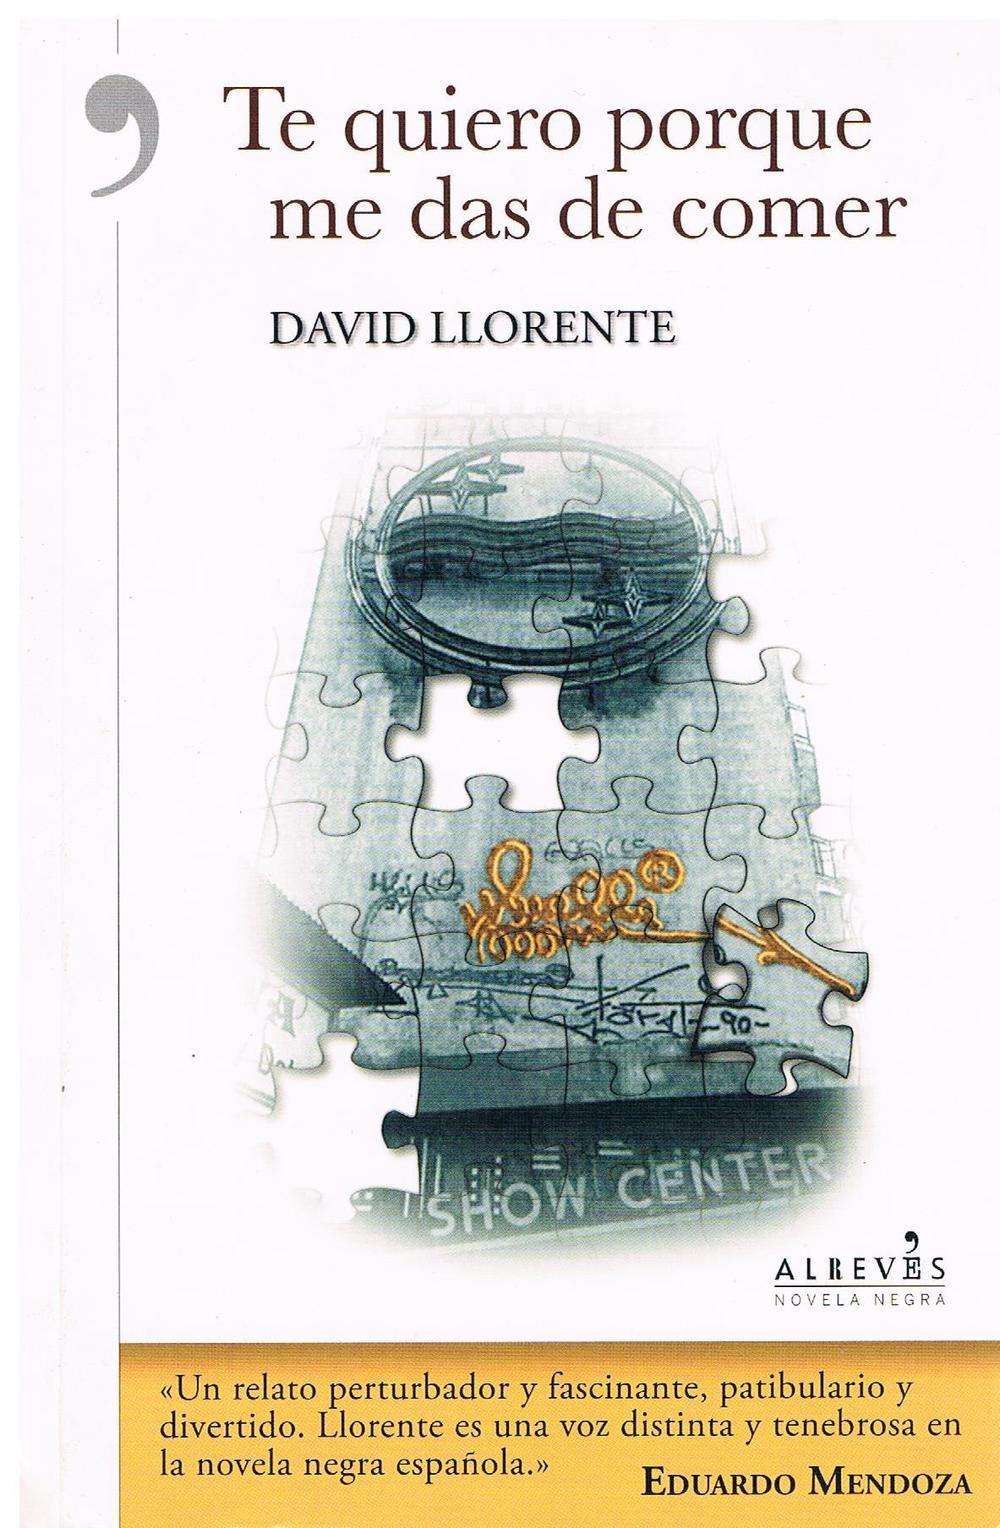 david_llorente_novela_te_quiero_porque_me_das_de_comer